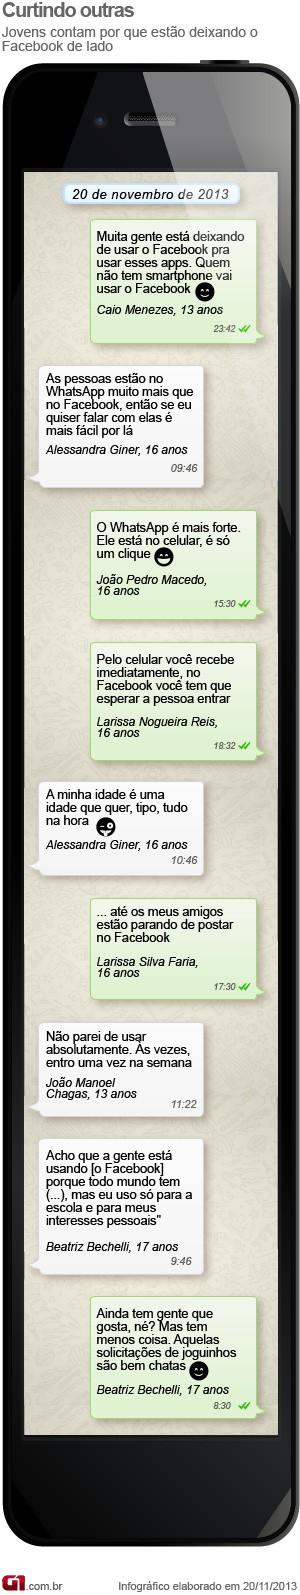 Aplicativo WhatsApp tem versões para iPhone, Android, BlackBerry, Windows Phone e dispositivos Nokia (Foto: Divulgação/WhatsApp)